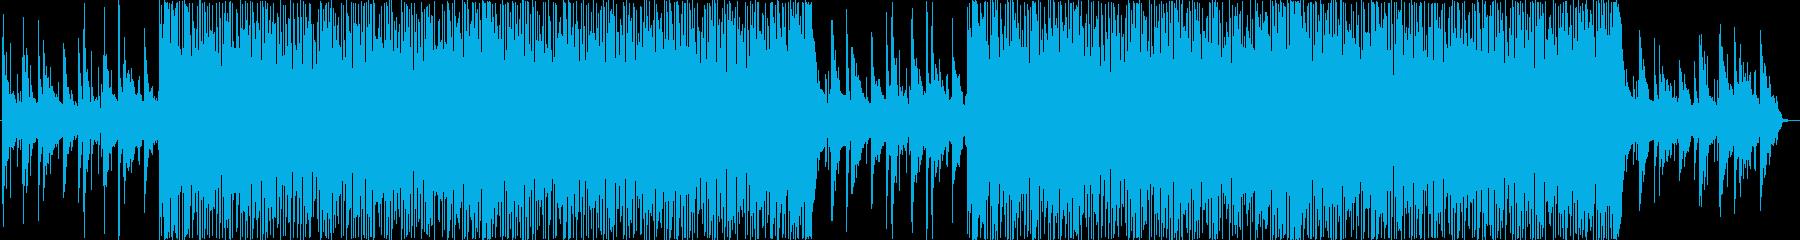 明るくリズミカルなポップ系BGMの再生済みの波形